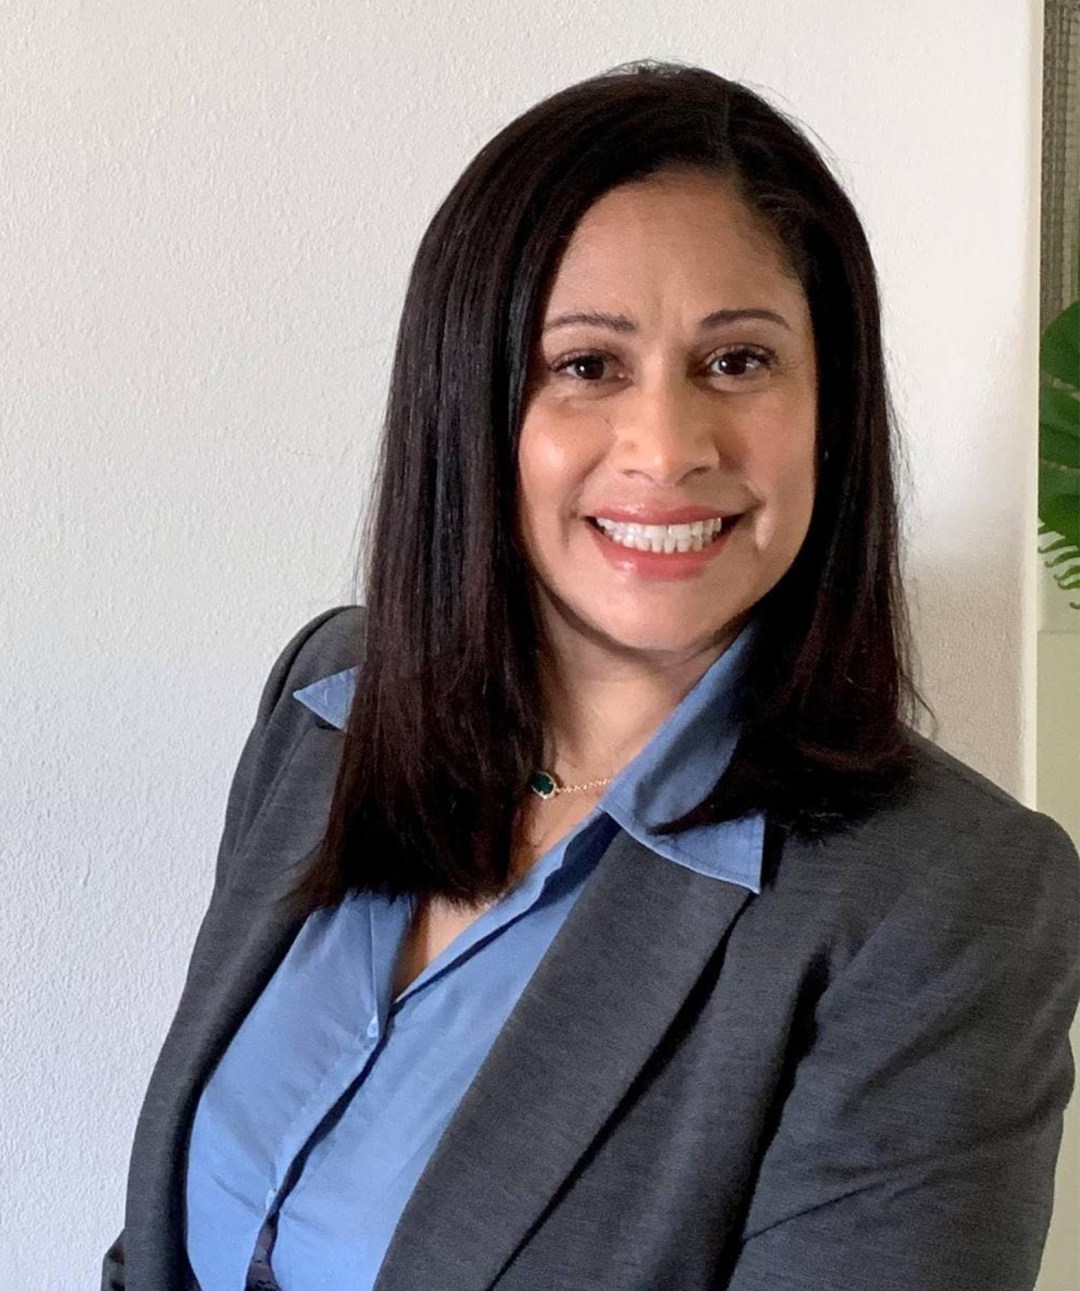 Ingrid Boscaino